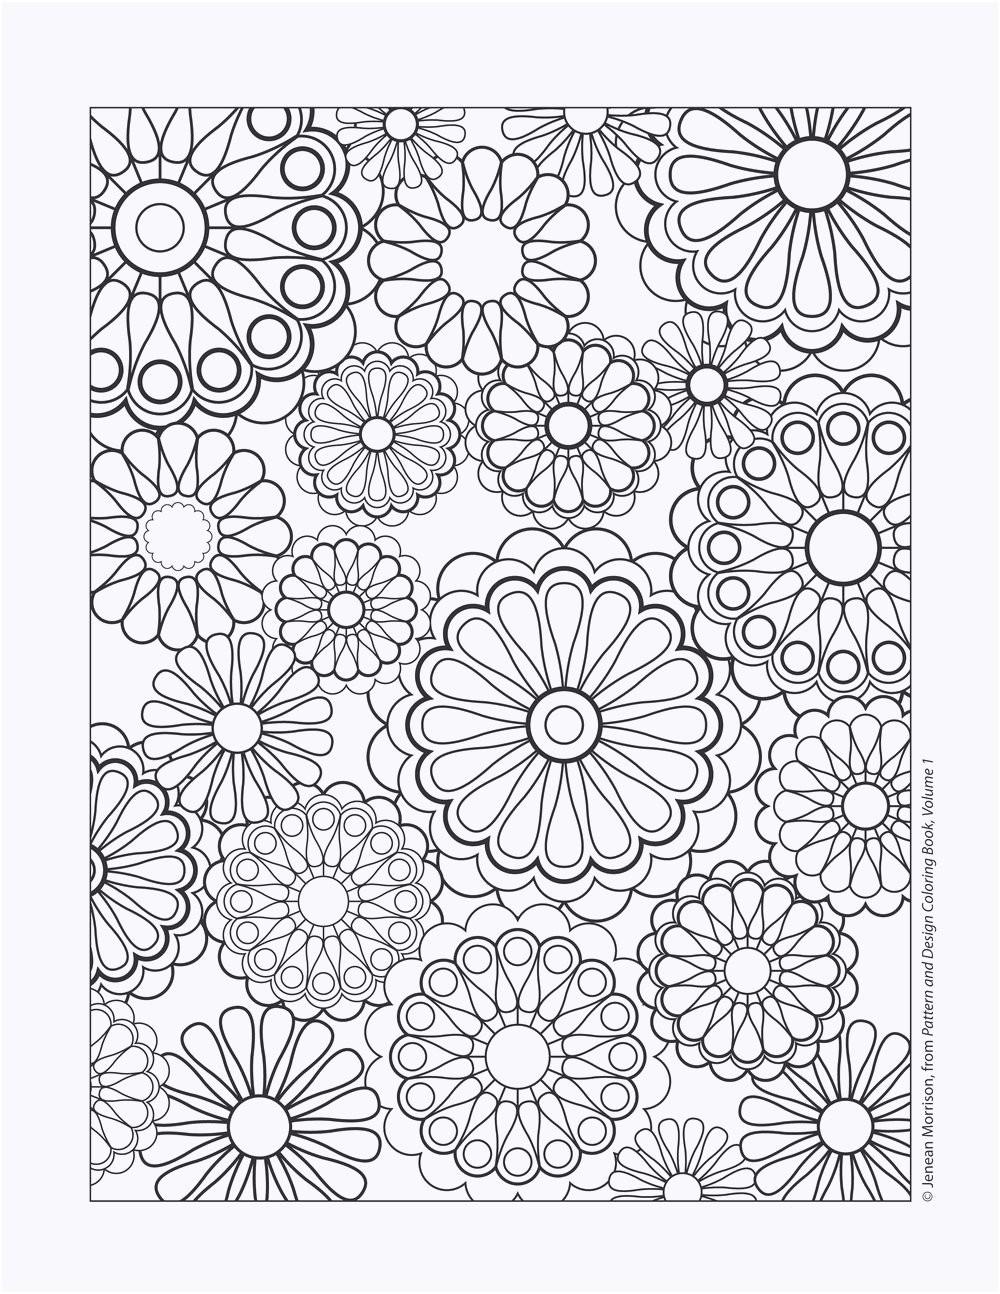 Geometrische Muster Zum Ausmalen Inspirierend Die Fabelhaften Ausmalbilder Muster Bild